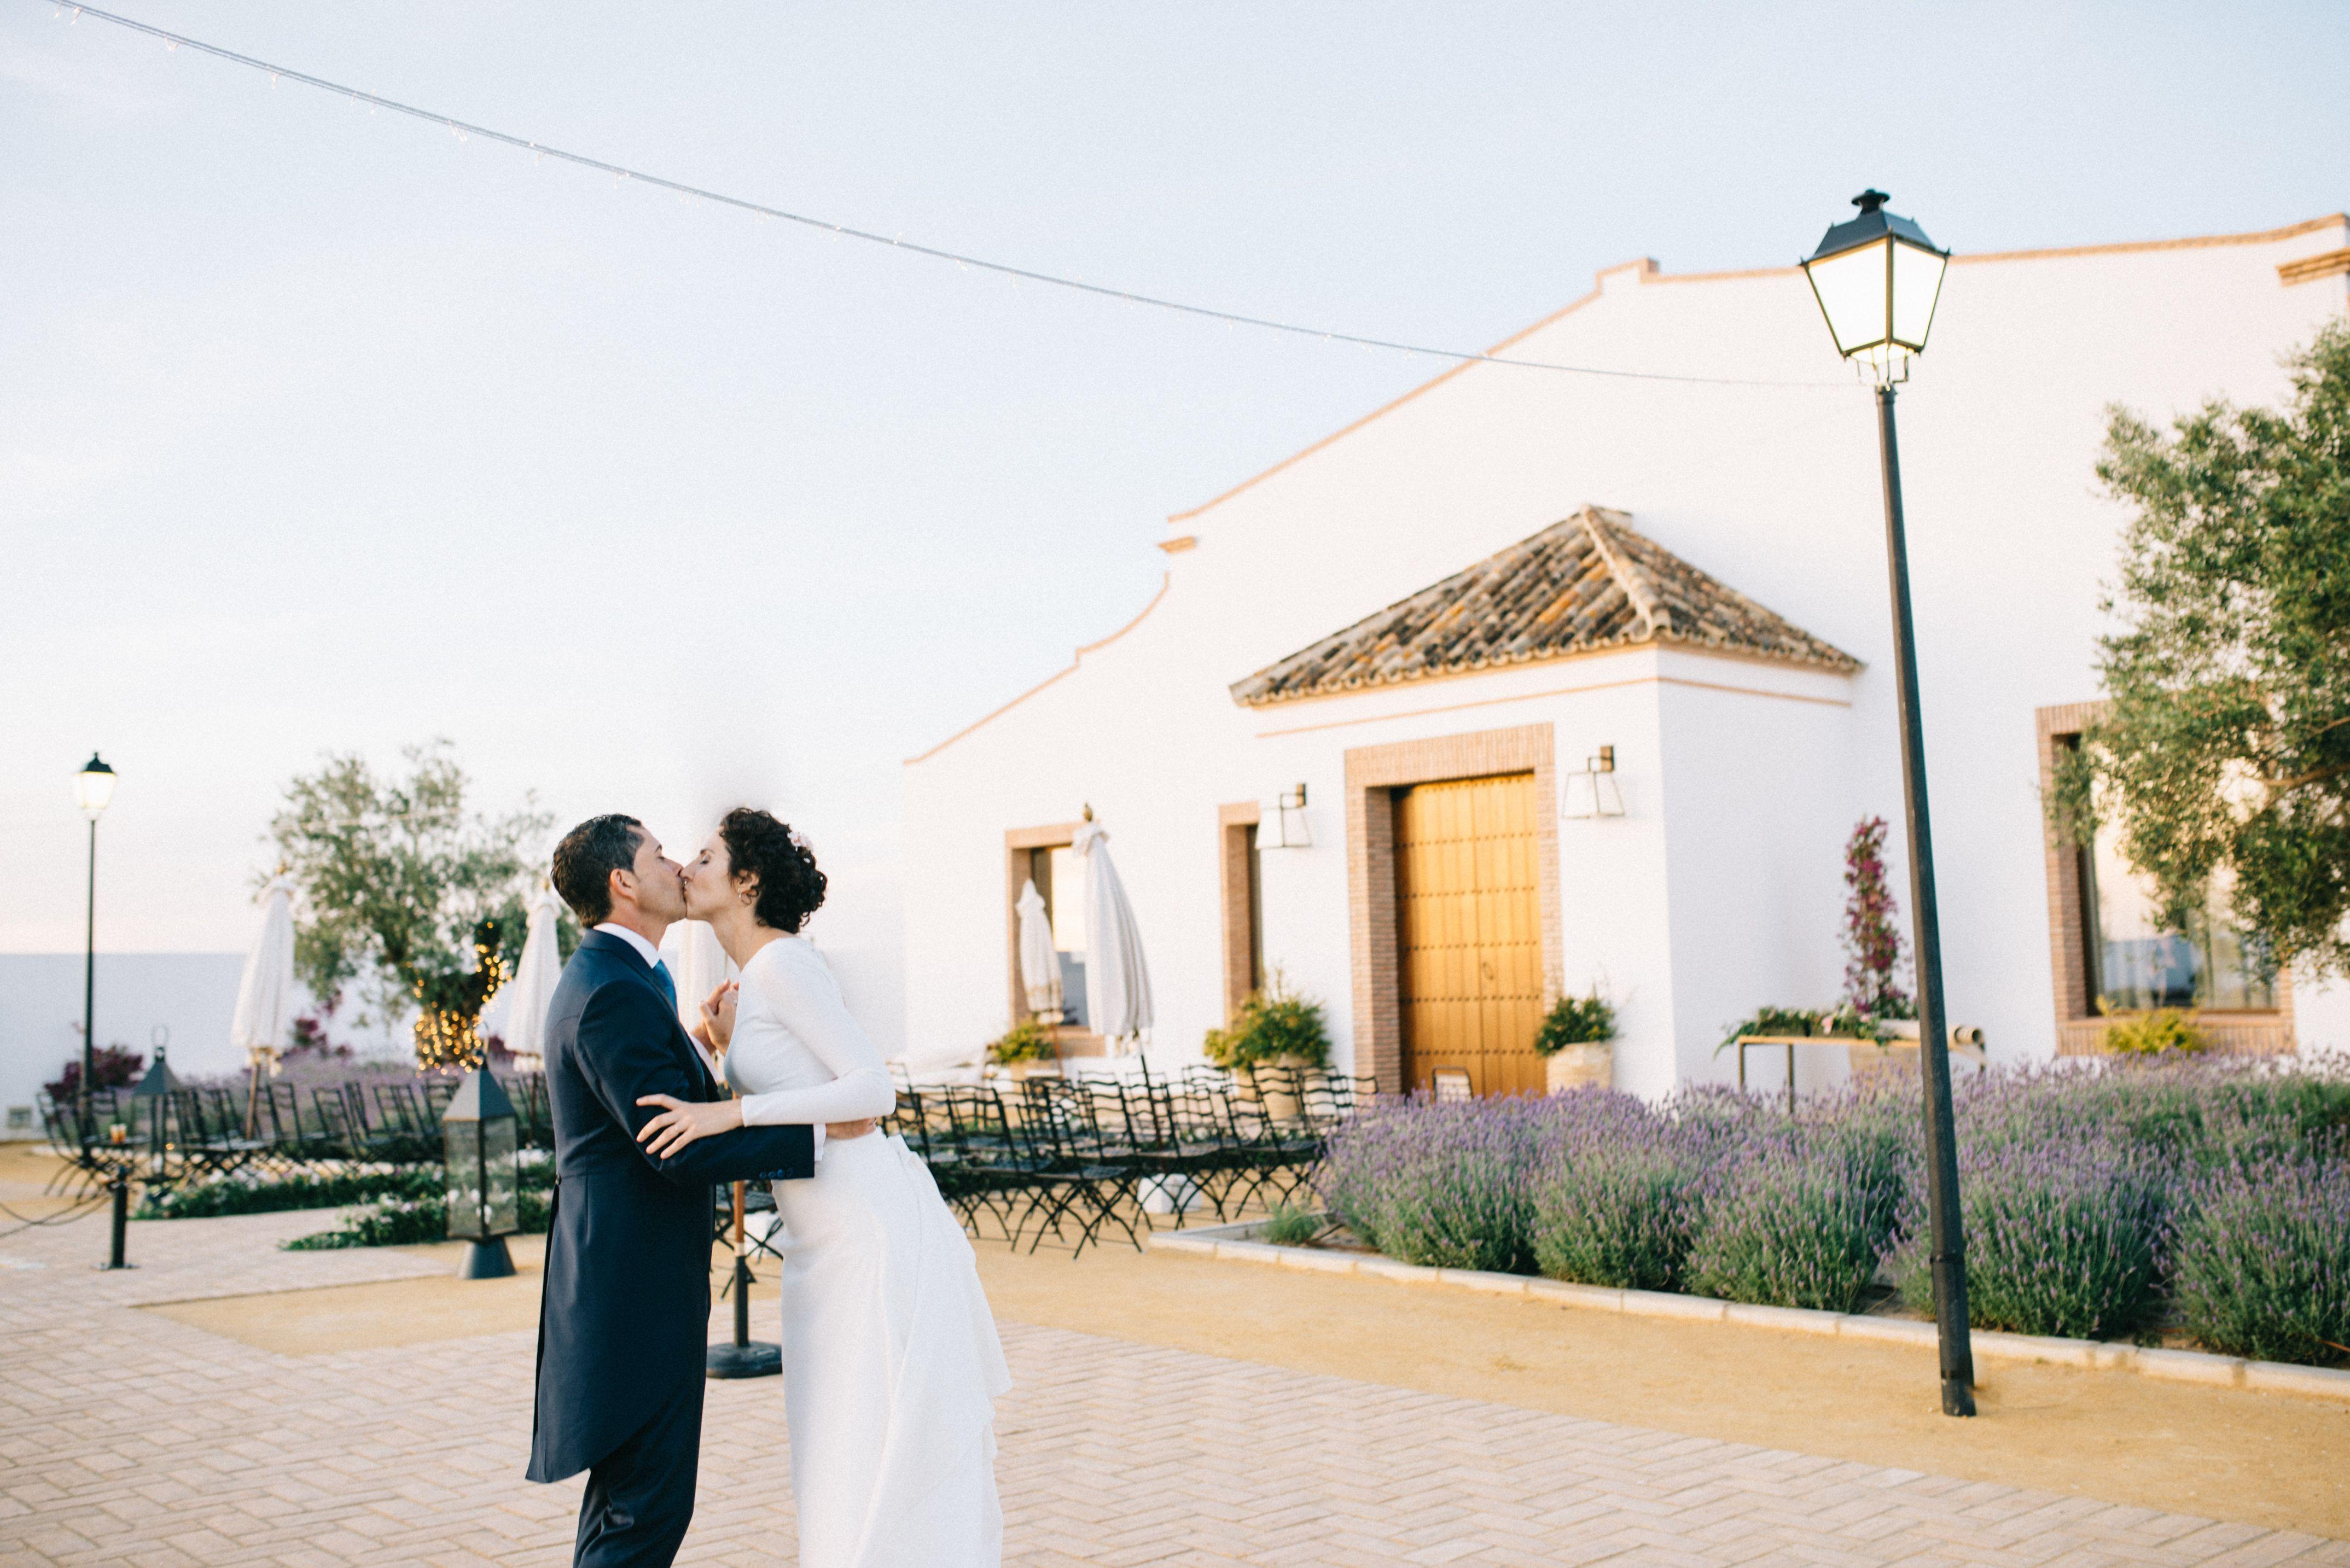 La boda de María y Guillermo en Cortijo Olivar de la Sargenta-WWL-239